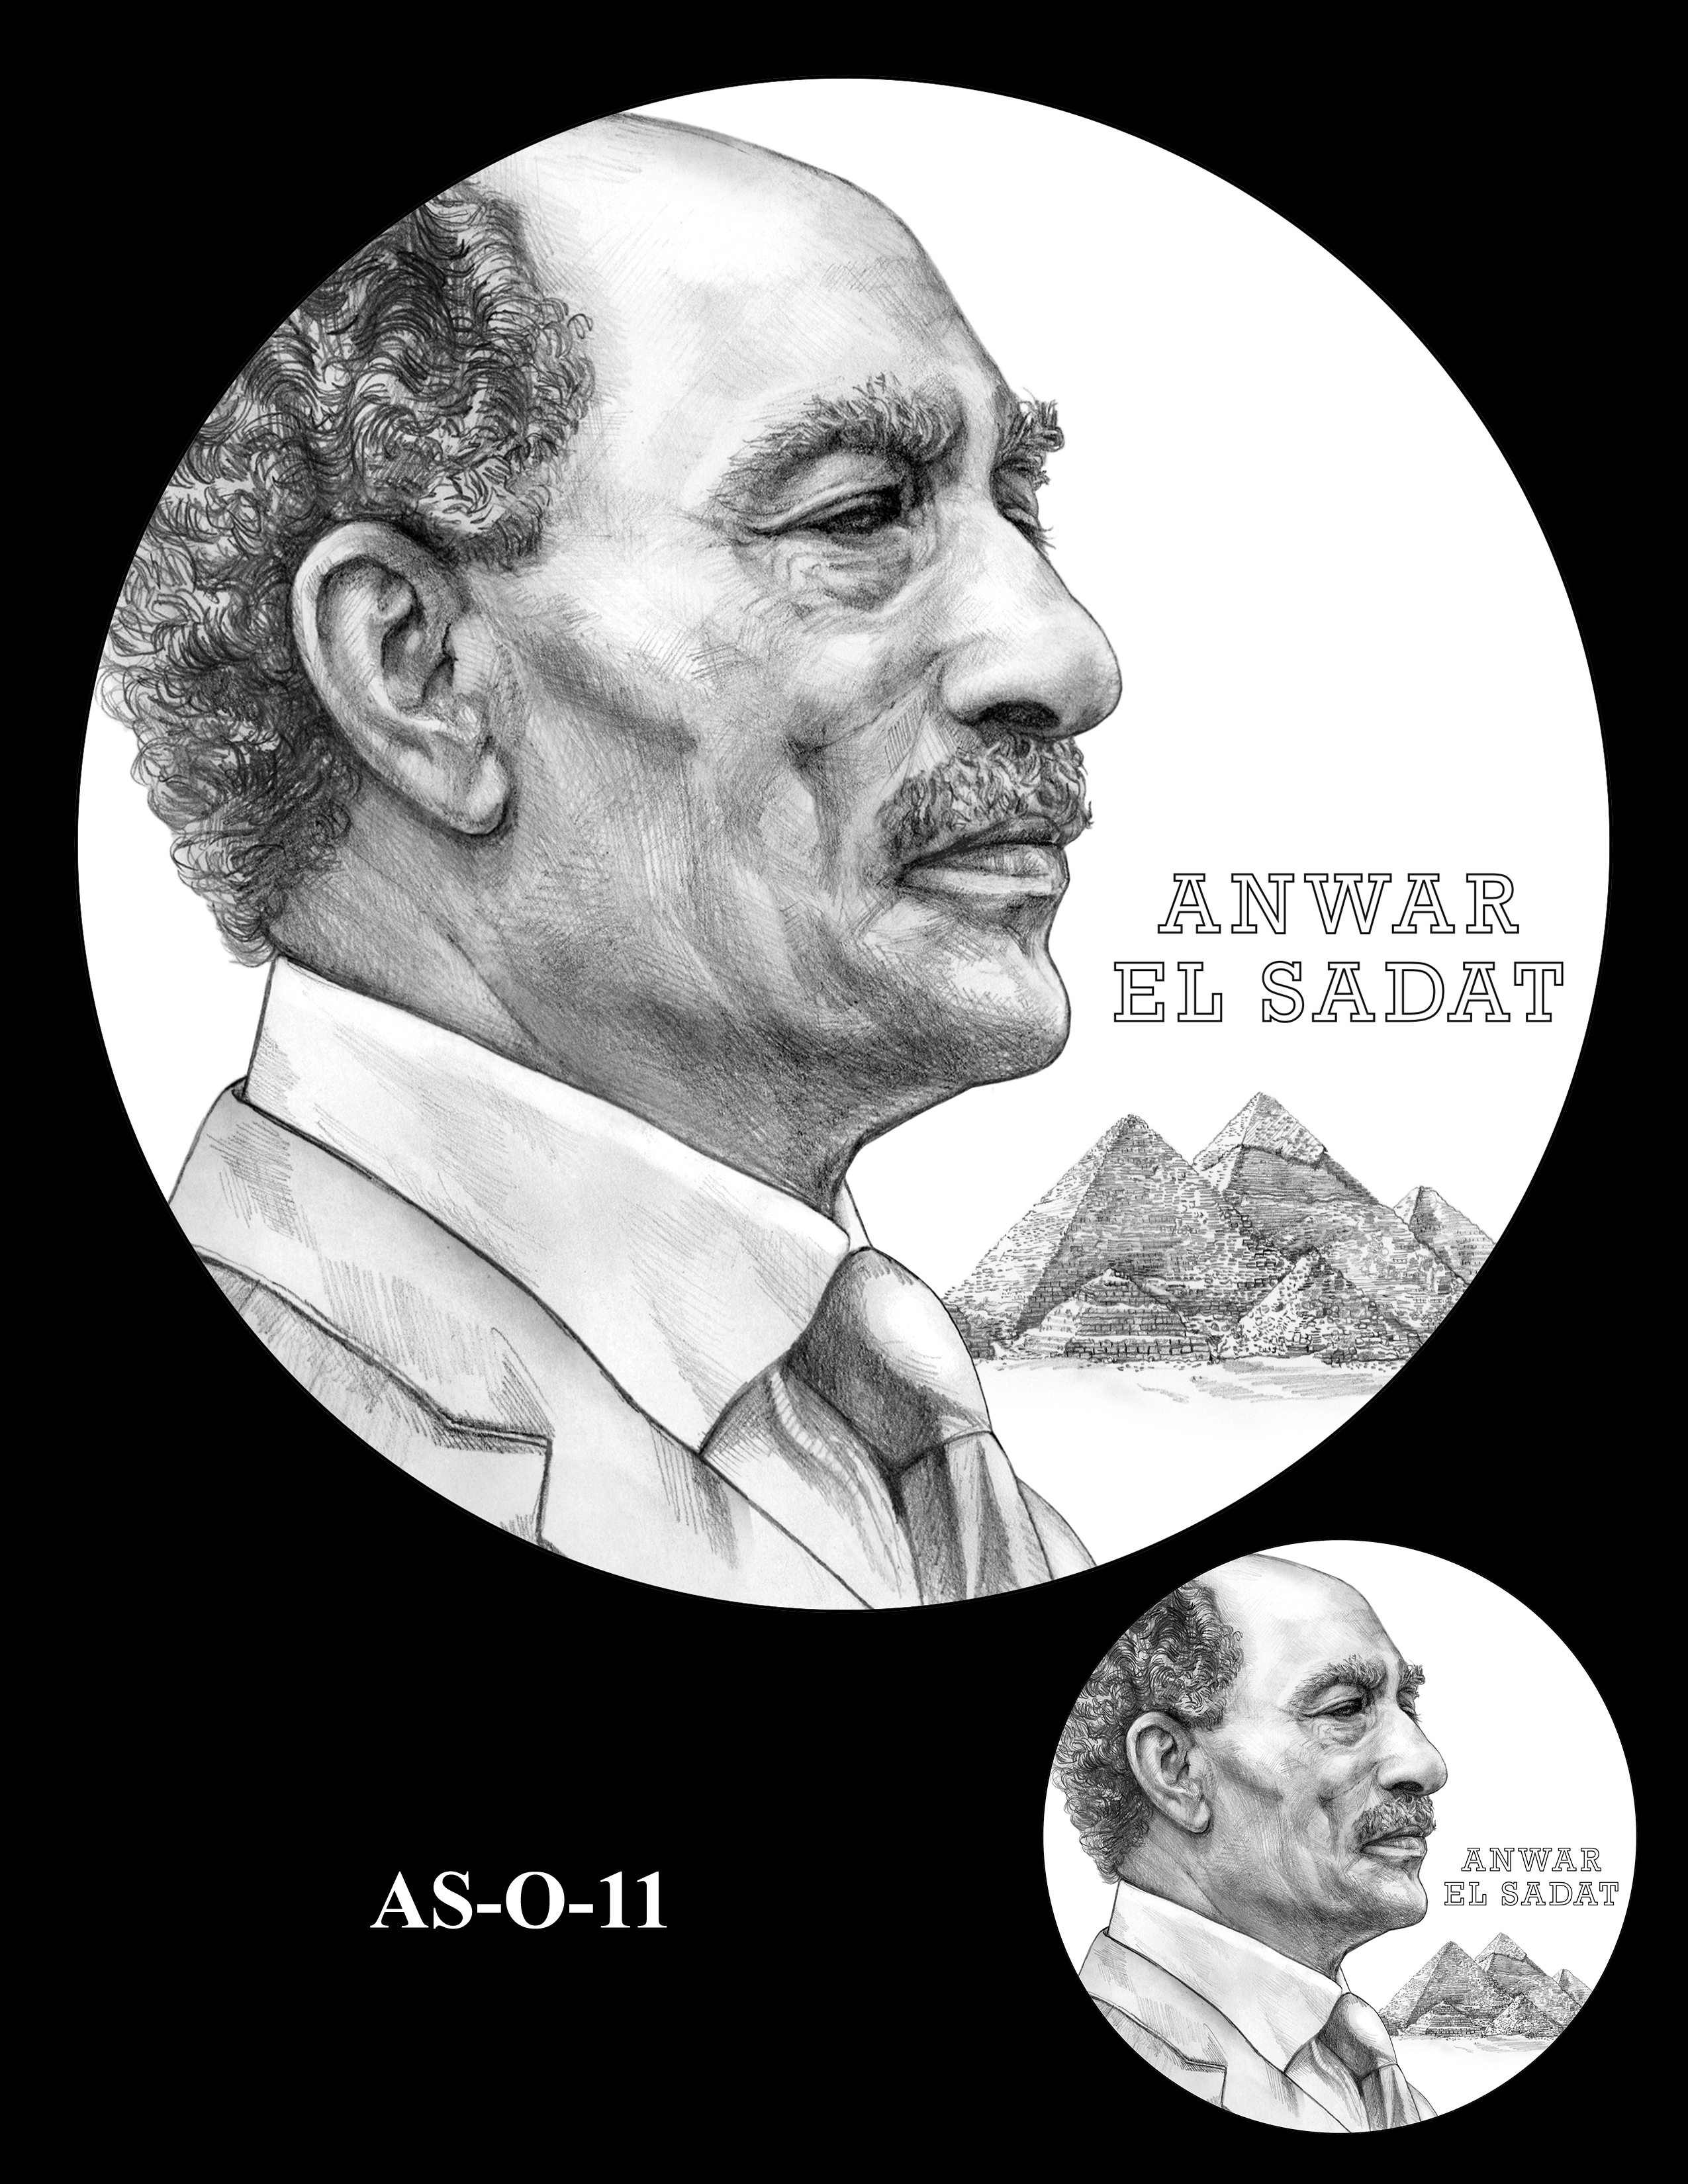 AS-O-11 -- Anwar El Sadat CGM Obverse